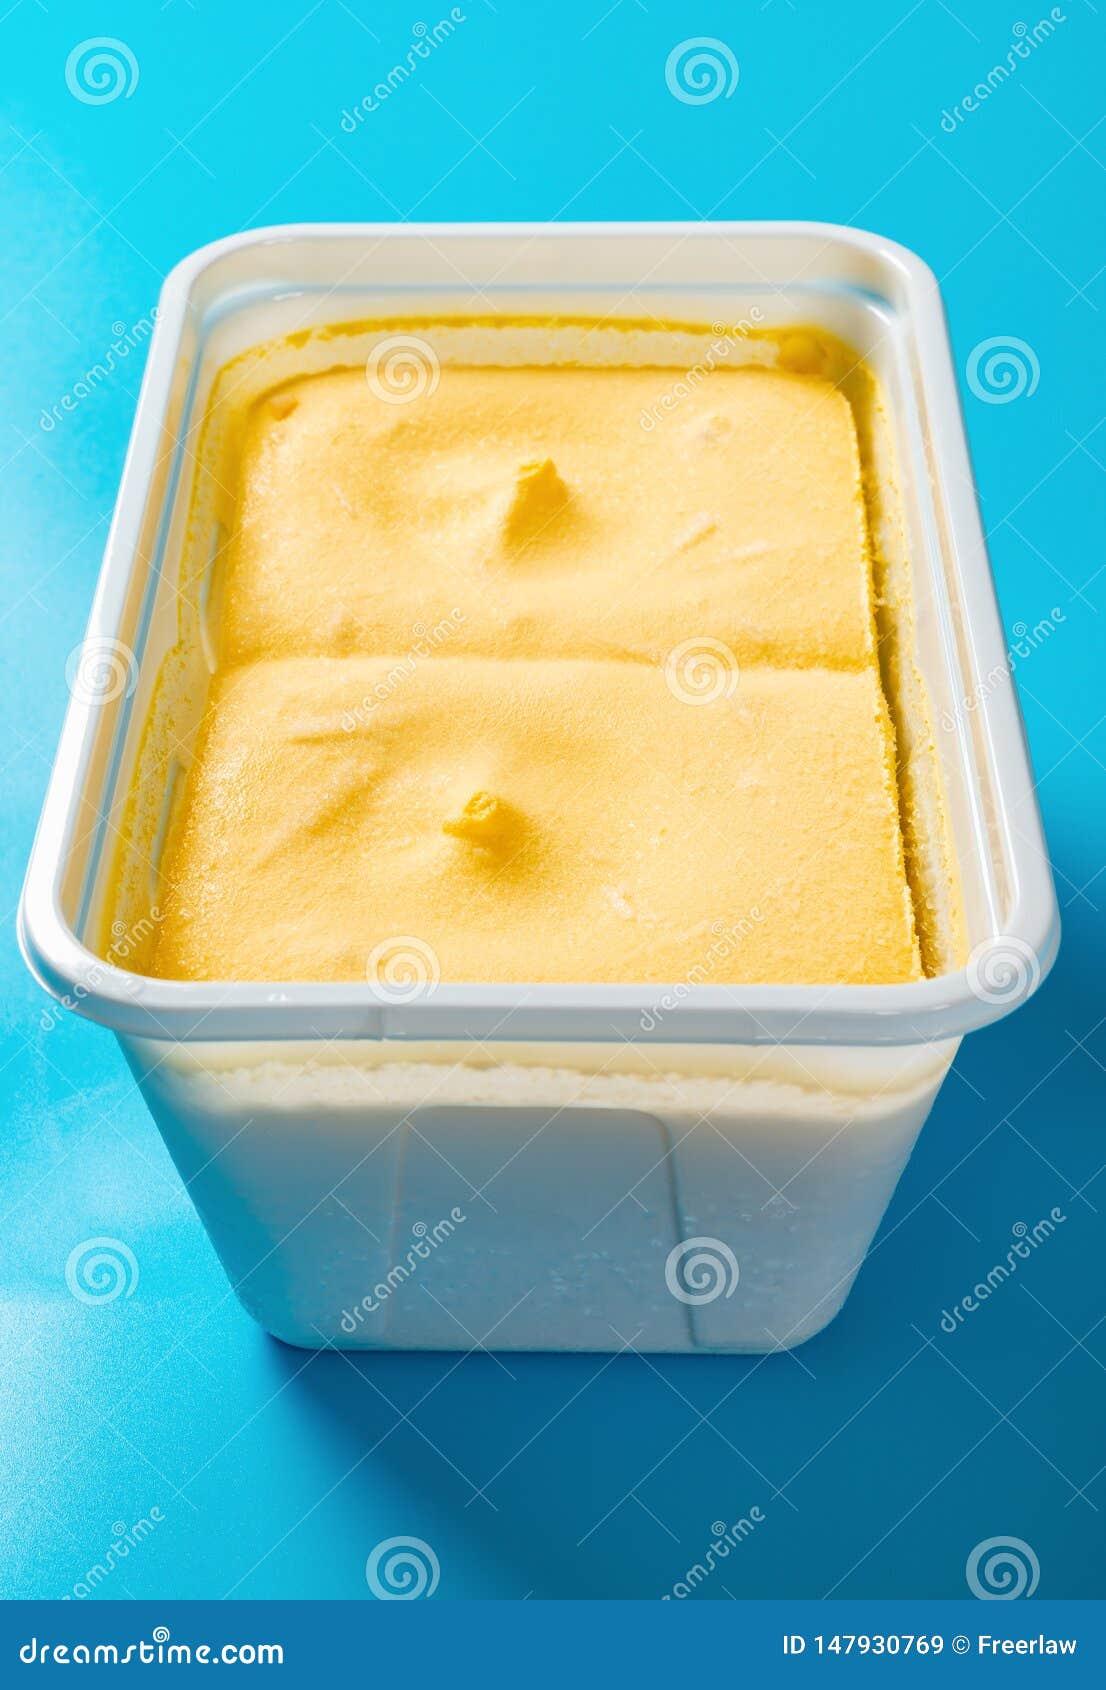 Caixa do gelado do sabor da manga na composição vertical do fundo azul